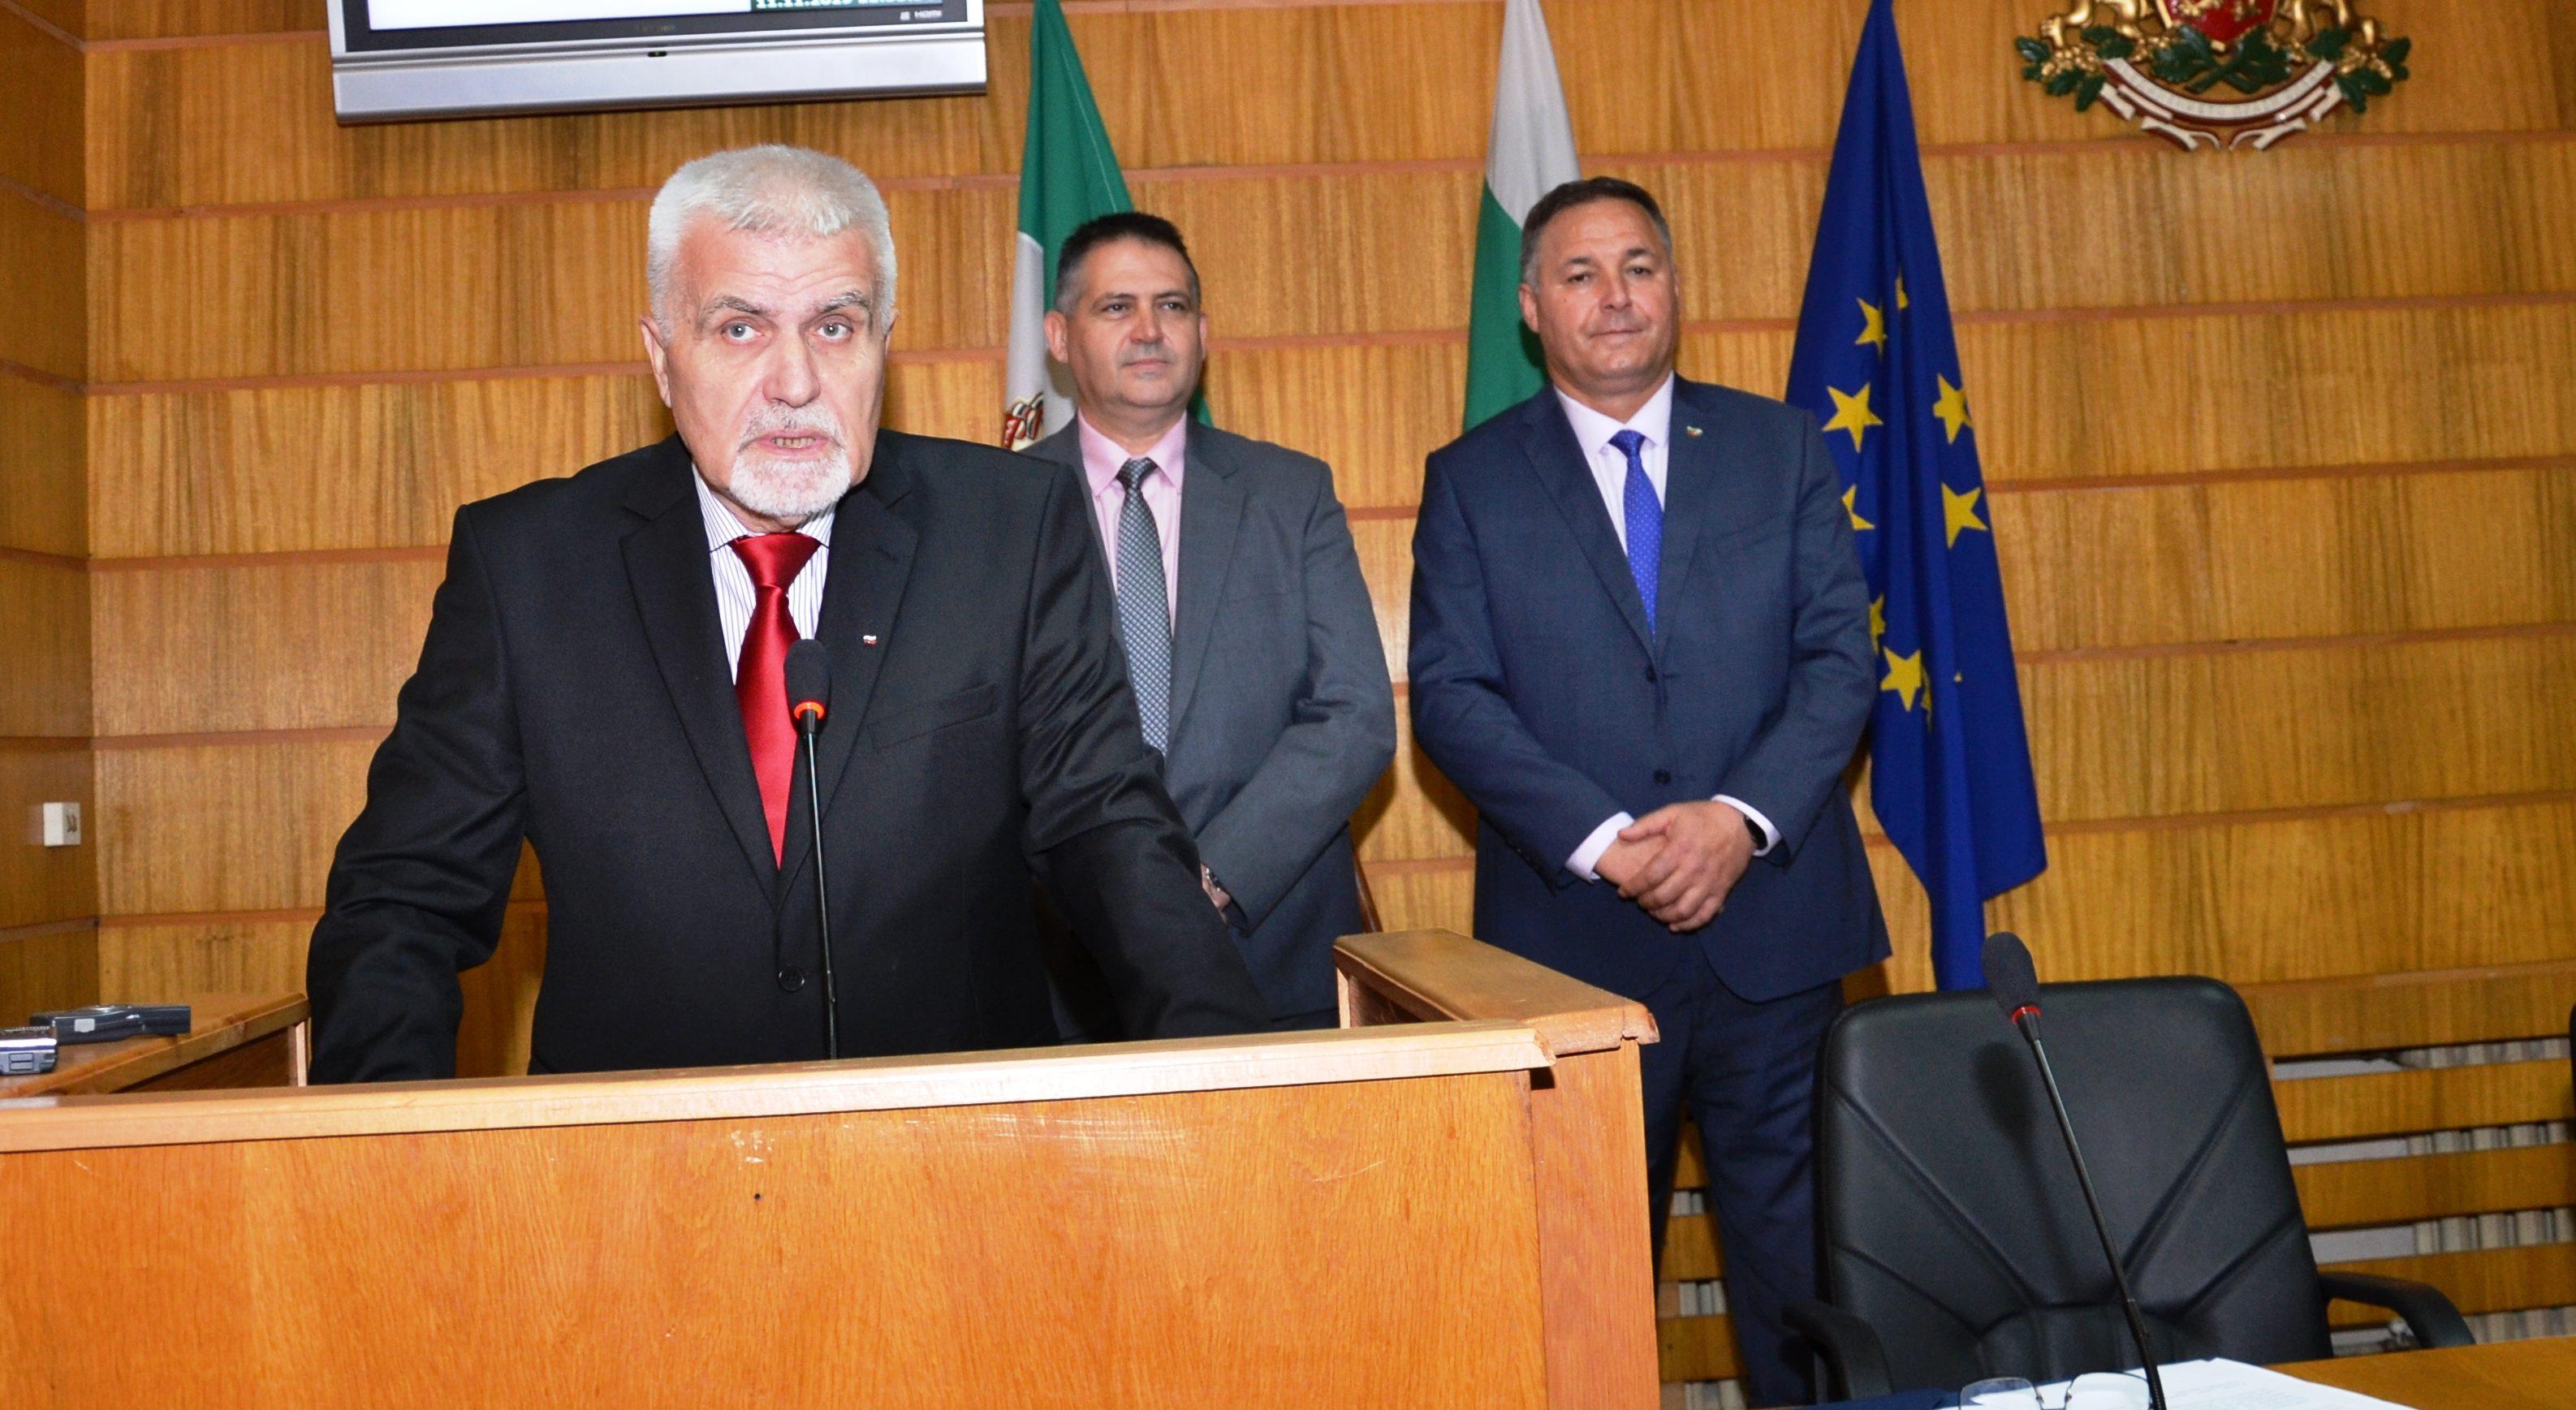 Новоизбраният кмет Денчо Бояджиев положи клетва, а Сто ...